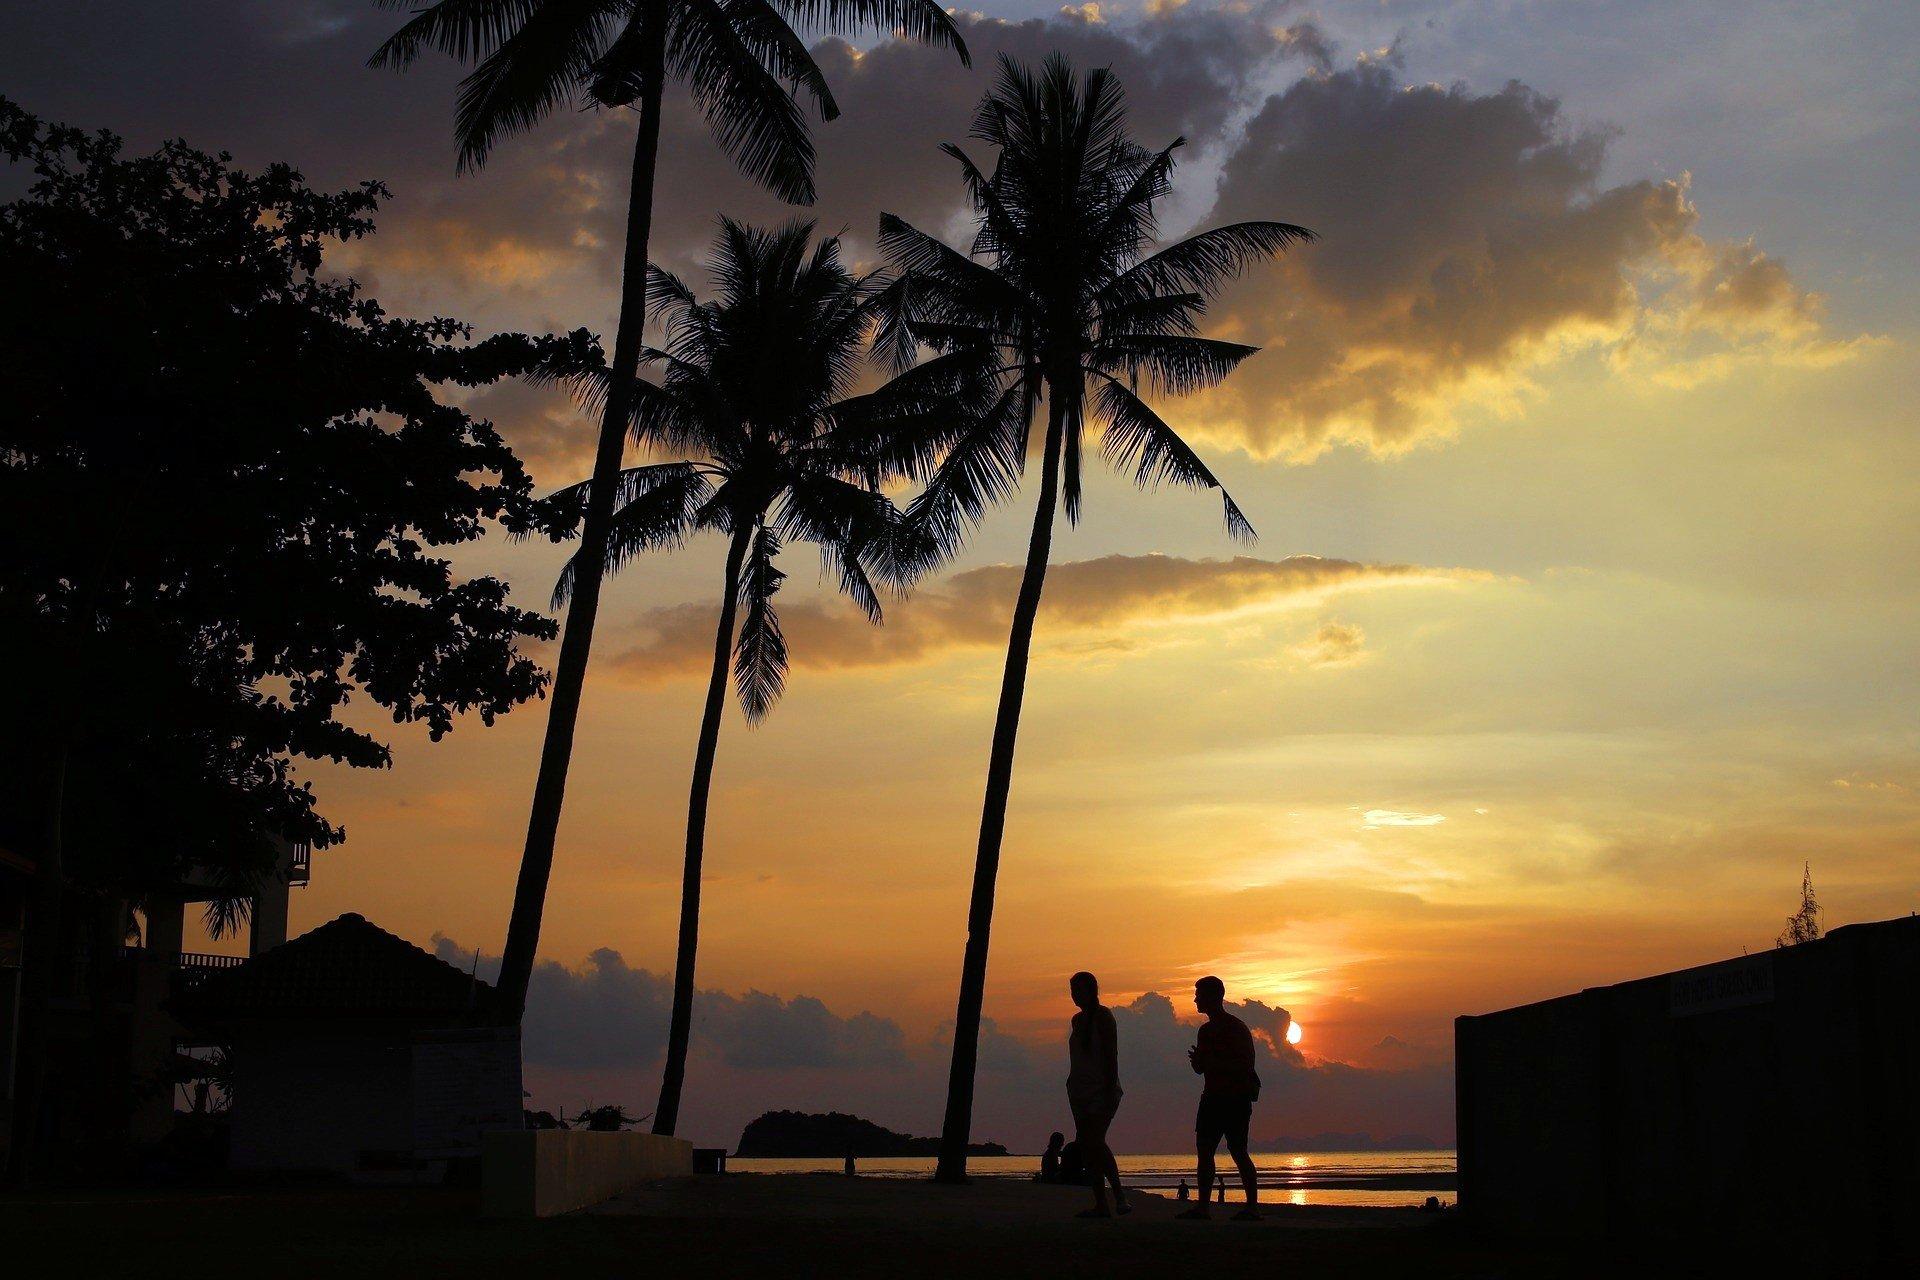 Sunset on the beach in Koh Lanta